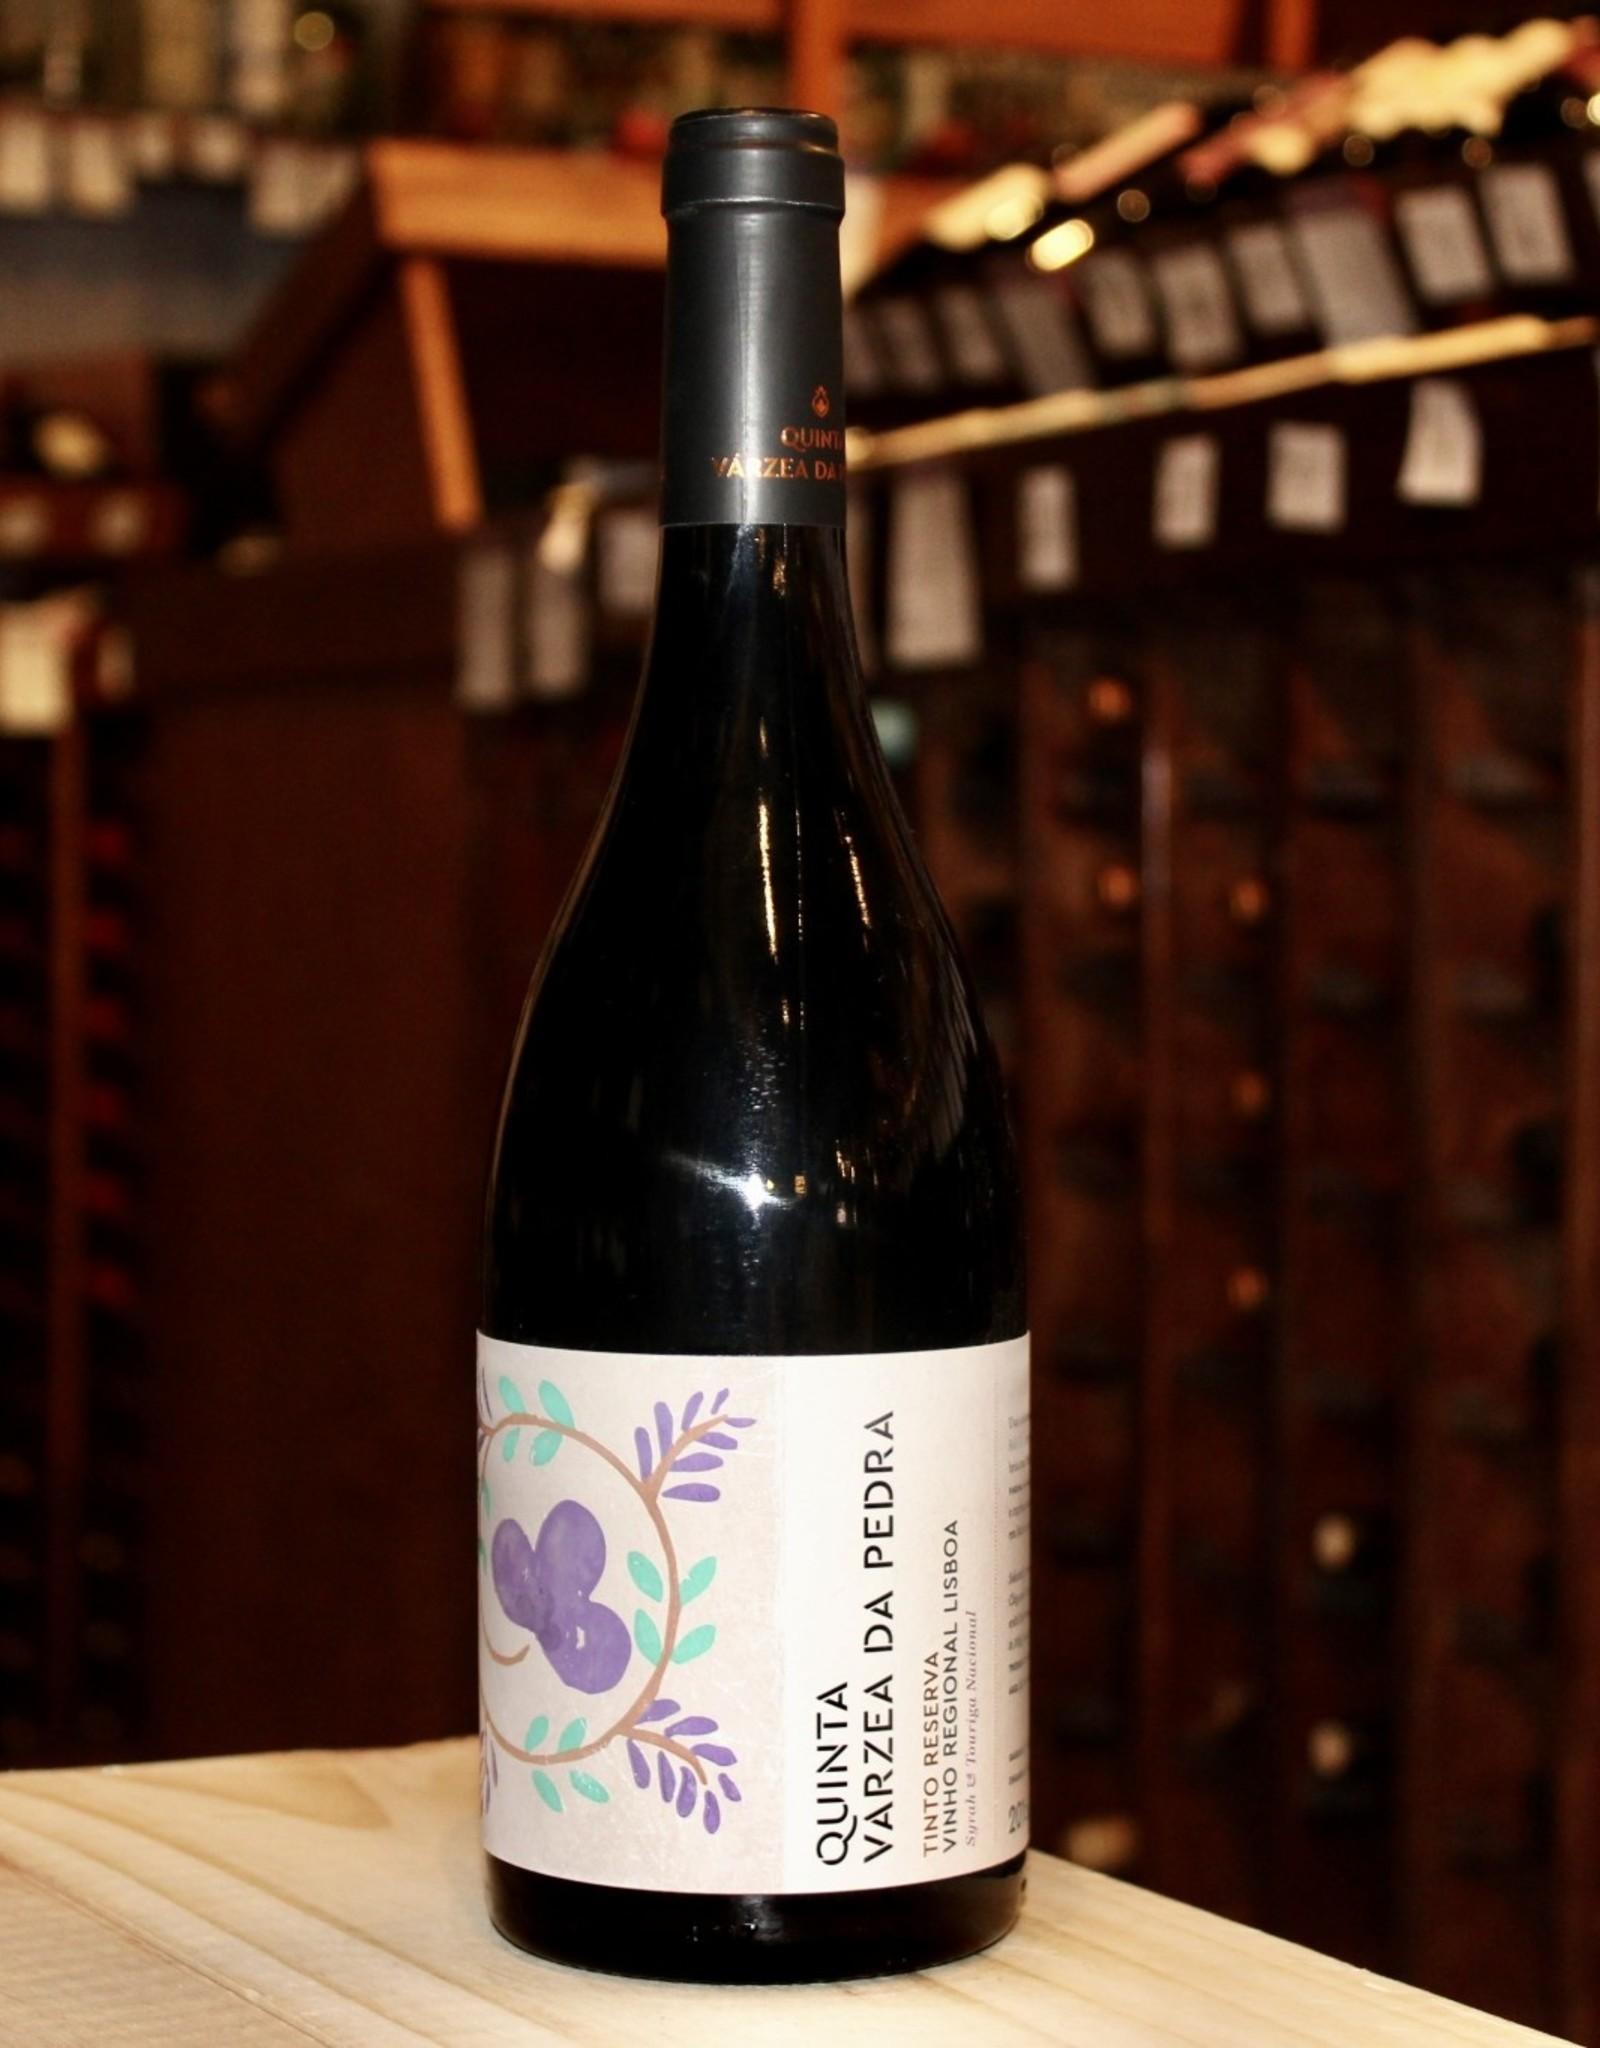 Wine 2016 Quinta Várzea da Pedra Lisboa Tinto Reserva - Lisboa, Portugal (750ml)